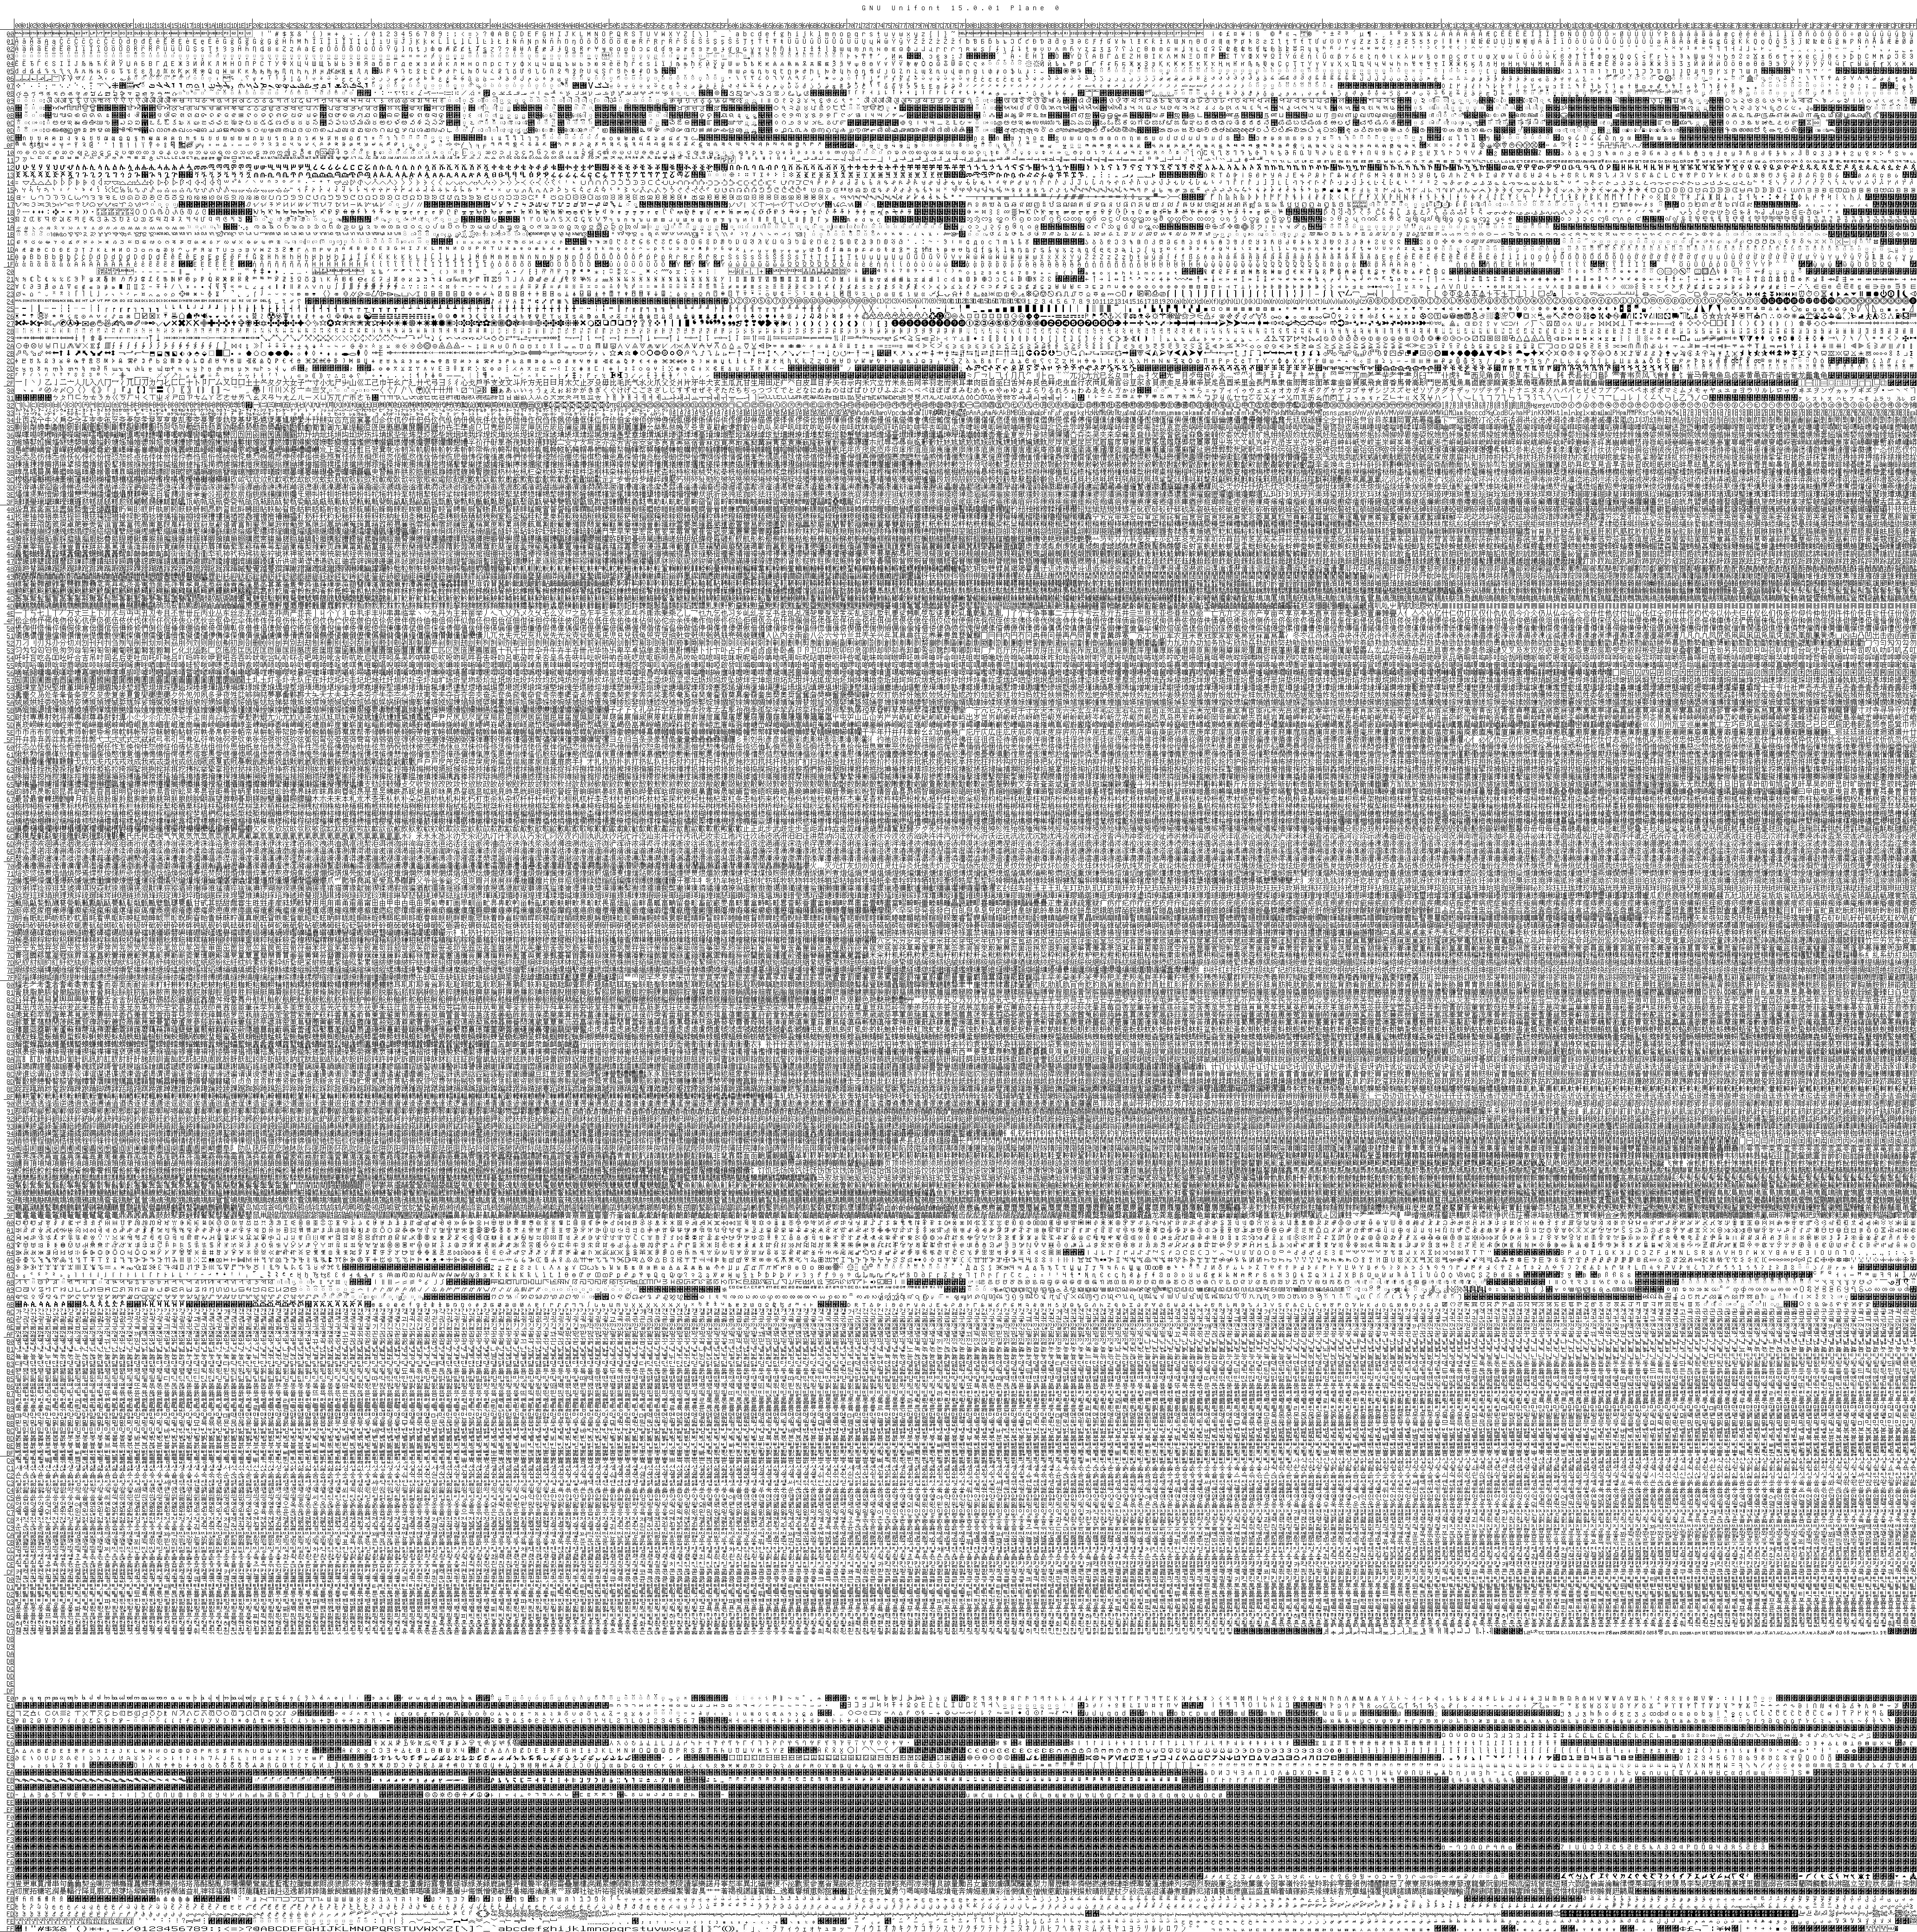 bináris opció opshenbit)